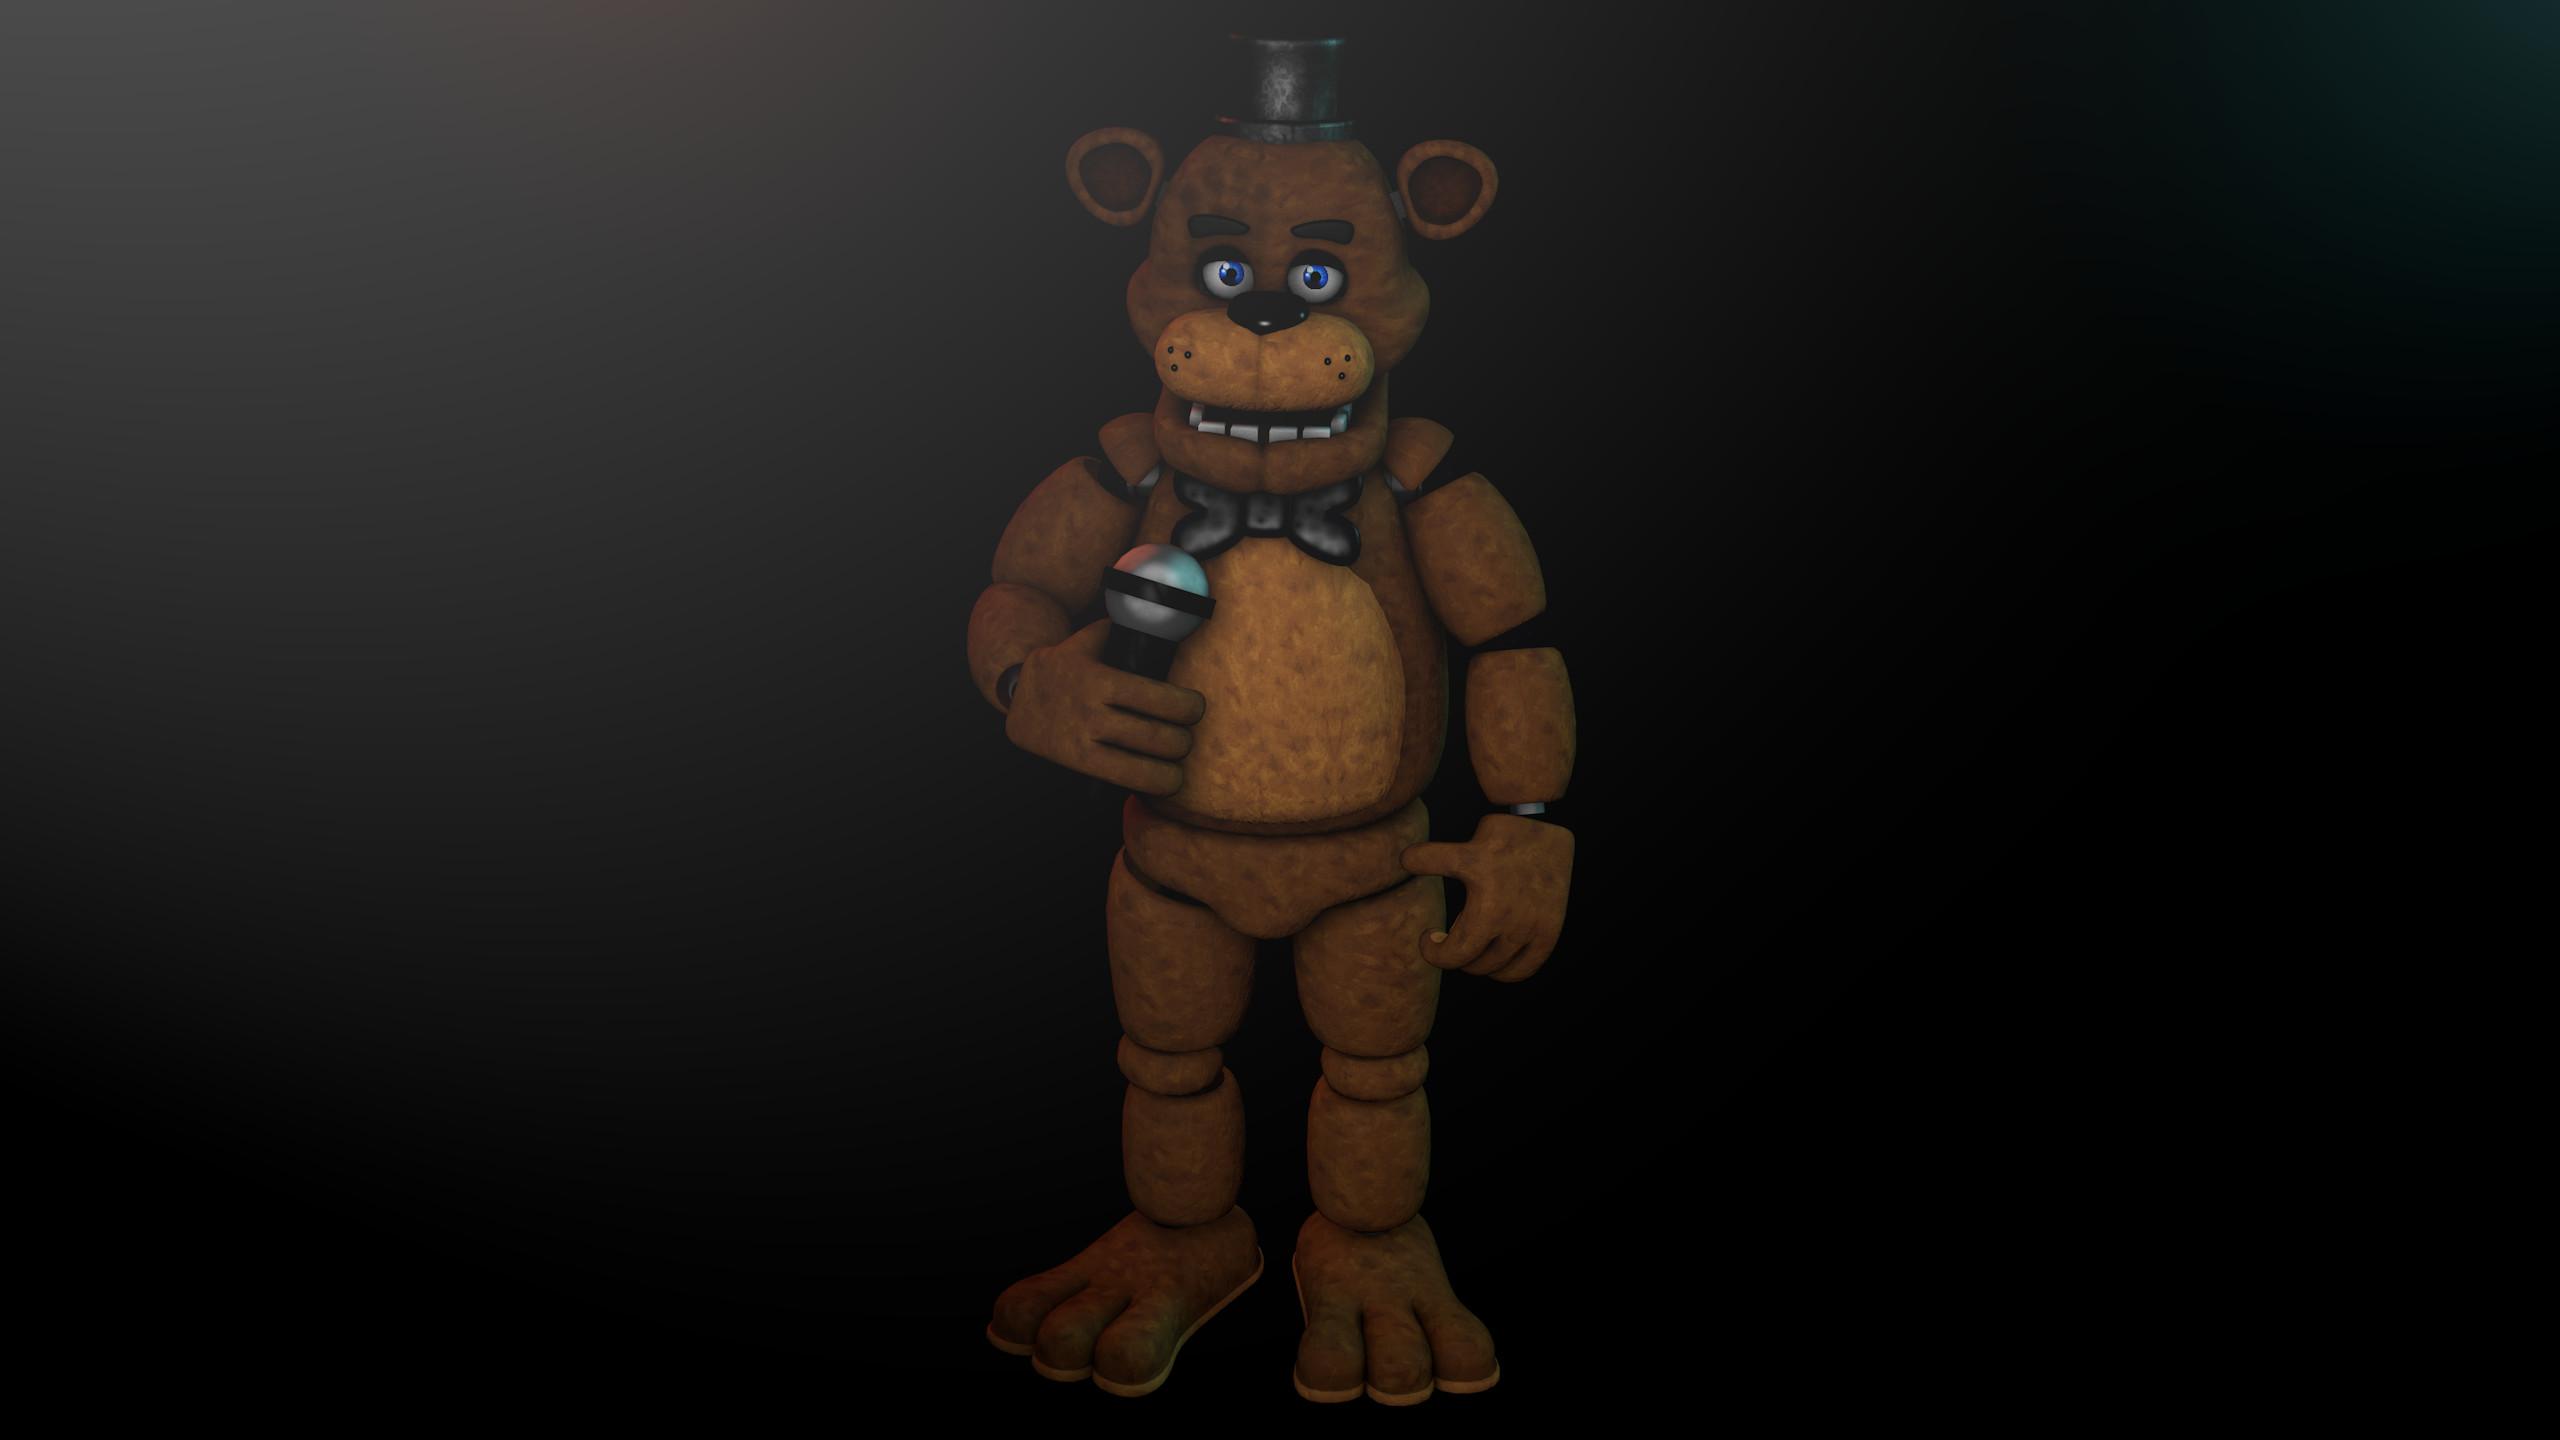 … Freddy Fazbear 2.0 (Still Image) by GaboCOart